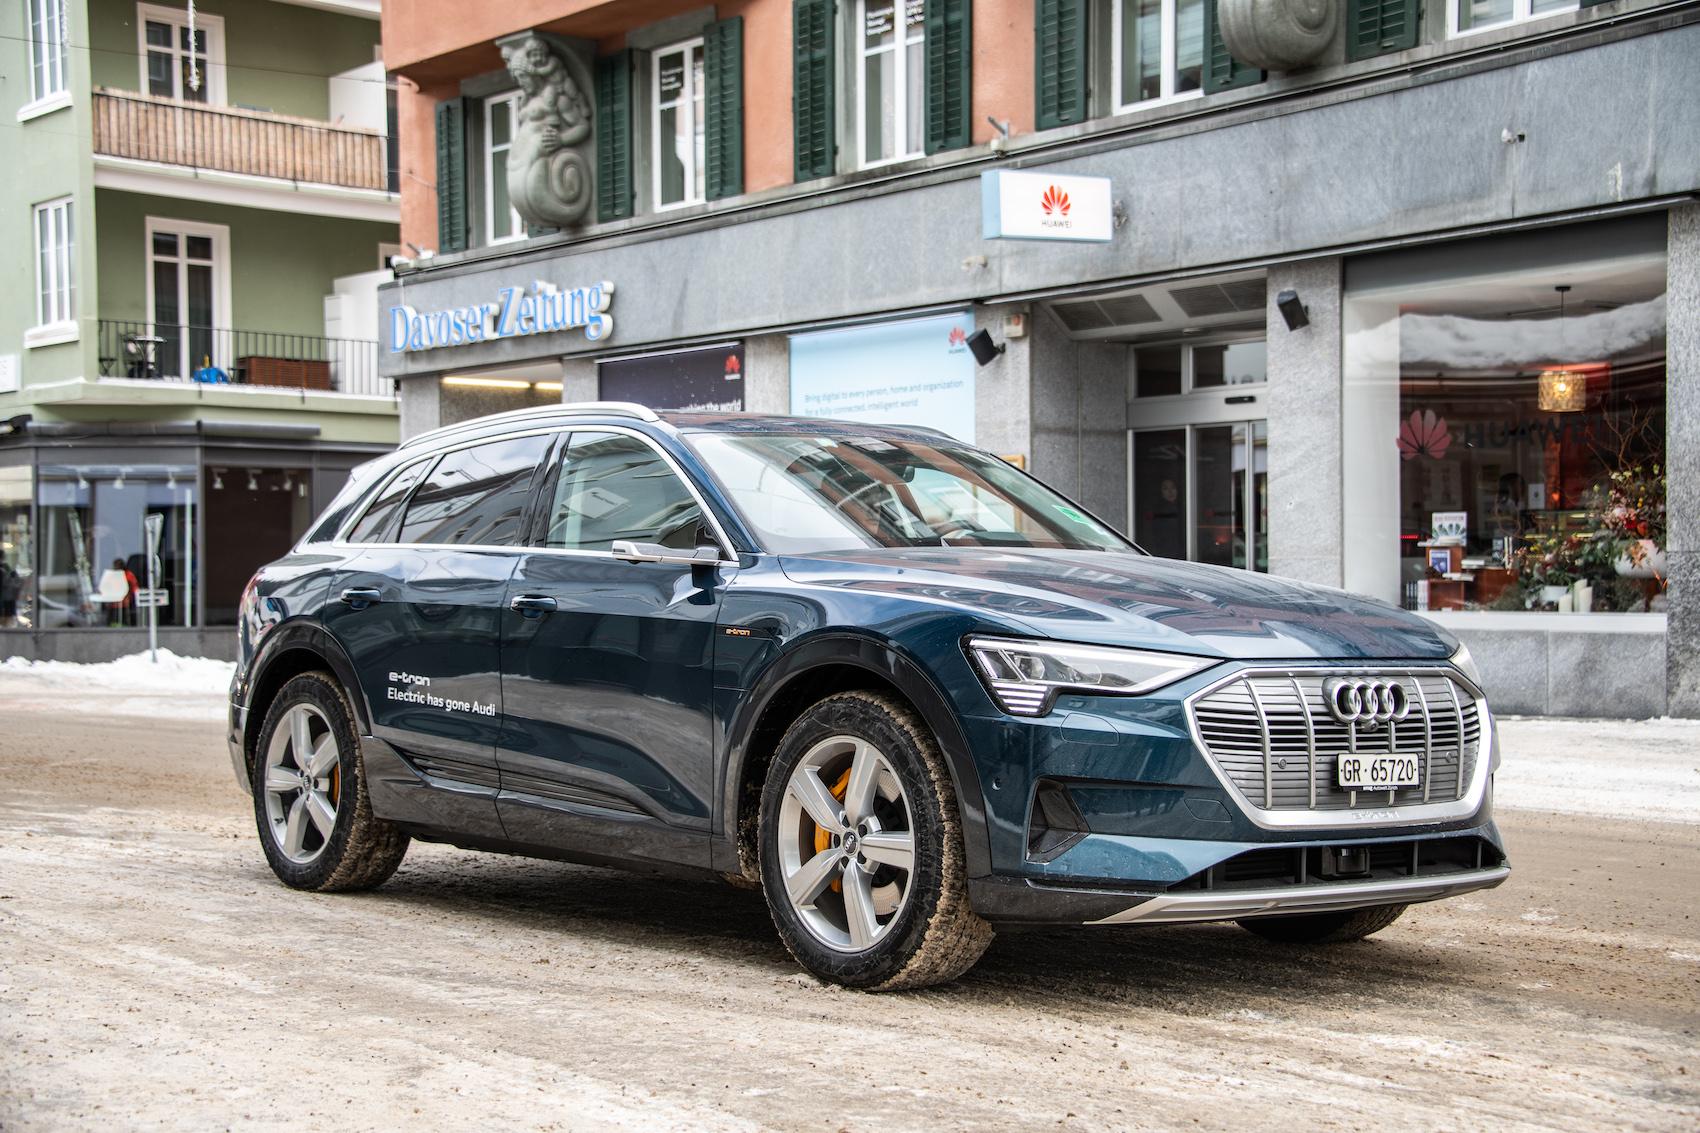 Alpen-Kälte macht ihm nichts aus: Ein Audi e-tron im Davos-Einsatz. (Foto: Adrian Bretscher)